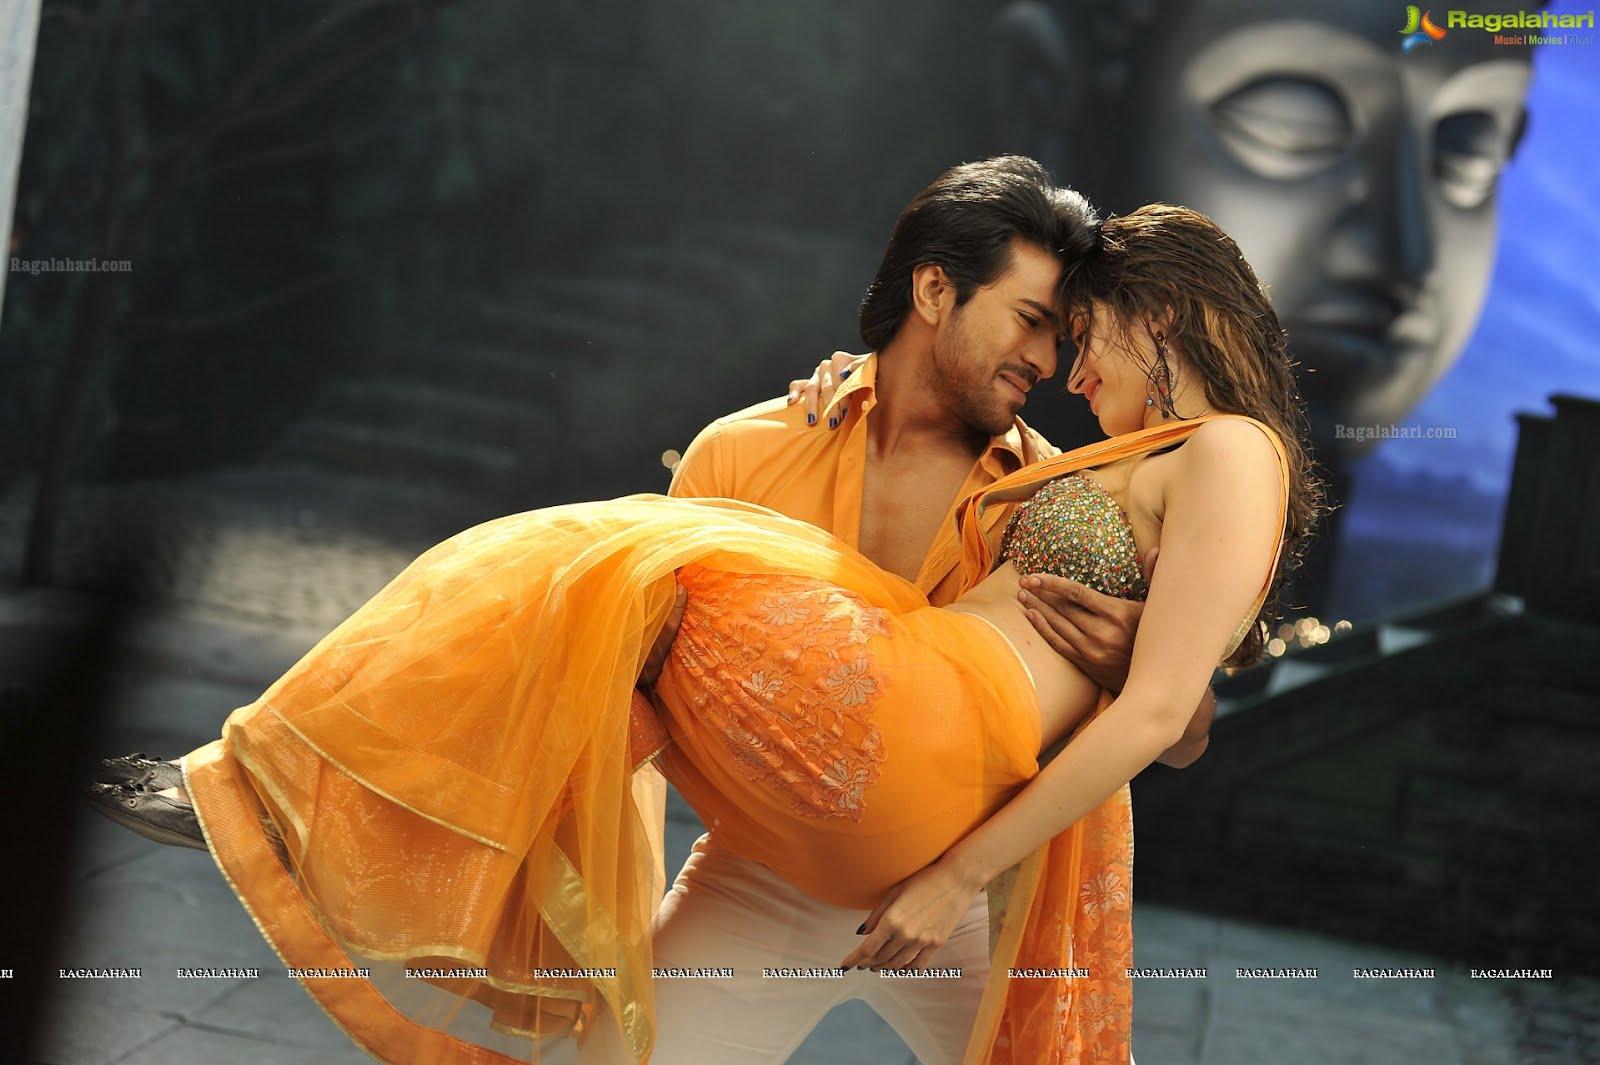 Desi Shotz Tamanna Hot N Wet Back Ass Show From Racha